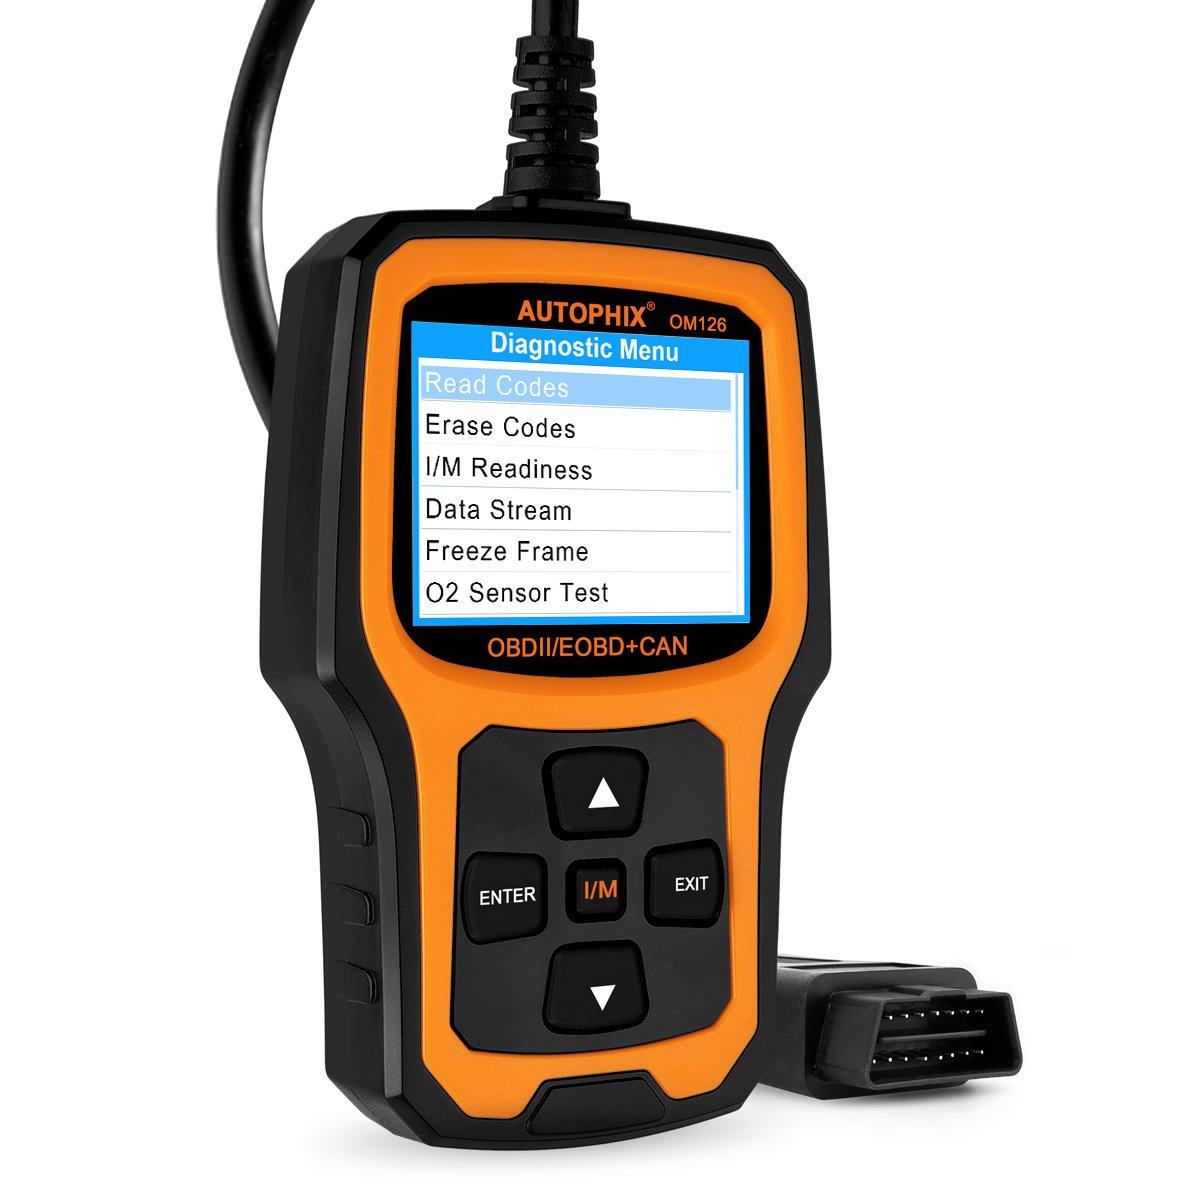 Car color code finder - Automotive Scanner Autophix Om126 Obdii Obd2 Code Reader Car Diagnostic Scan Tool Read Clear Engine Codes Color Screen Code Scanner Black